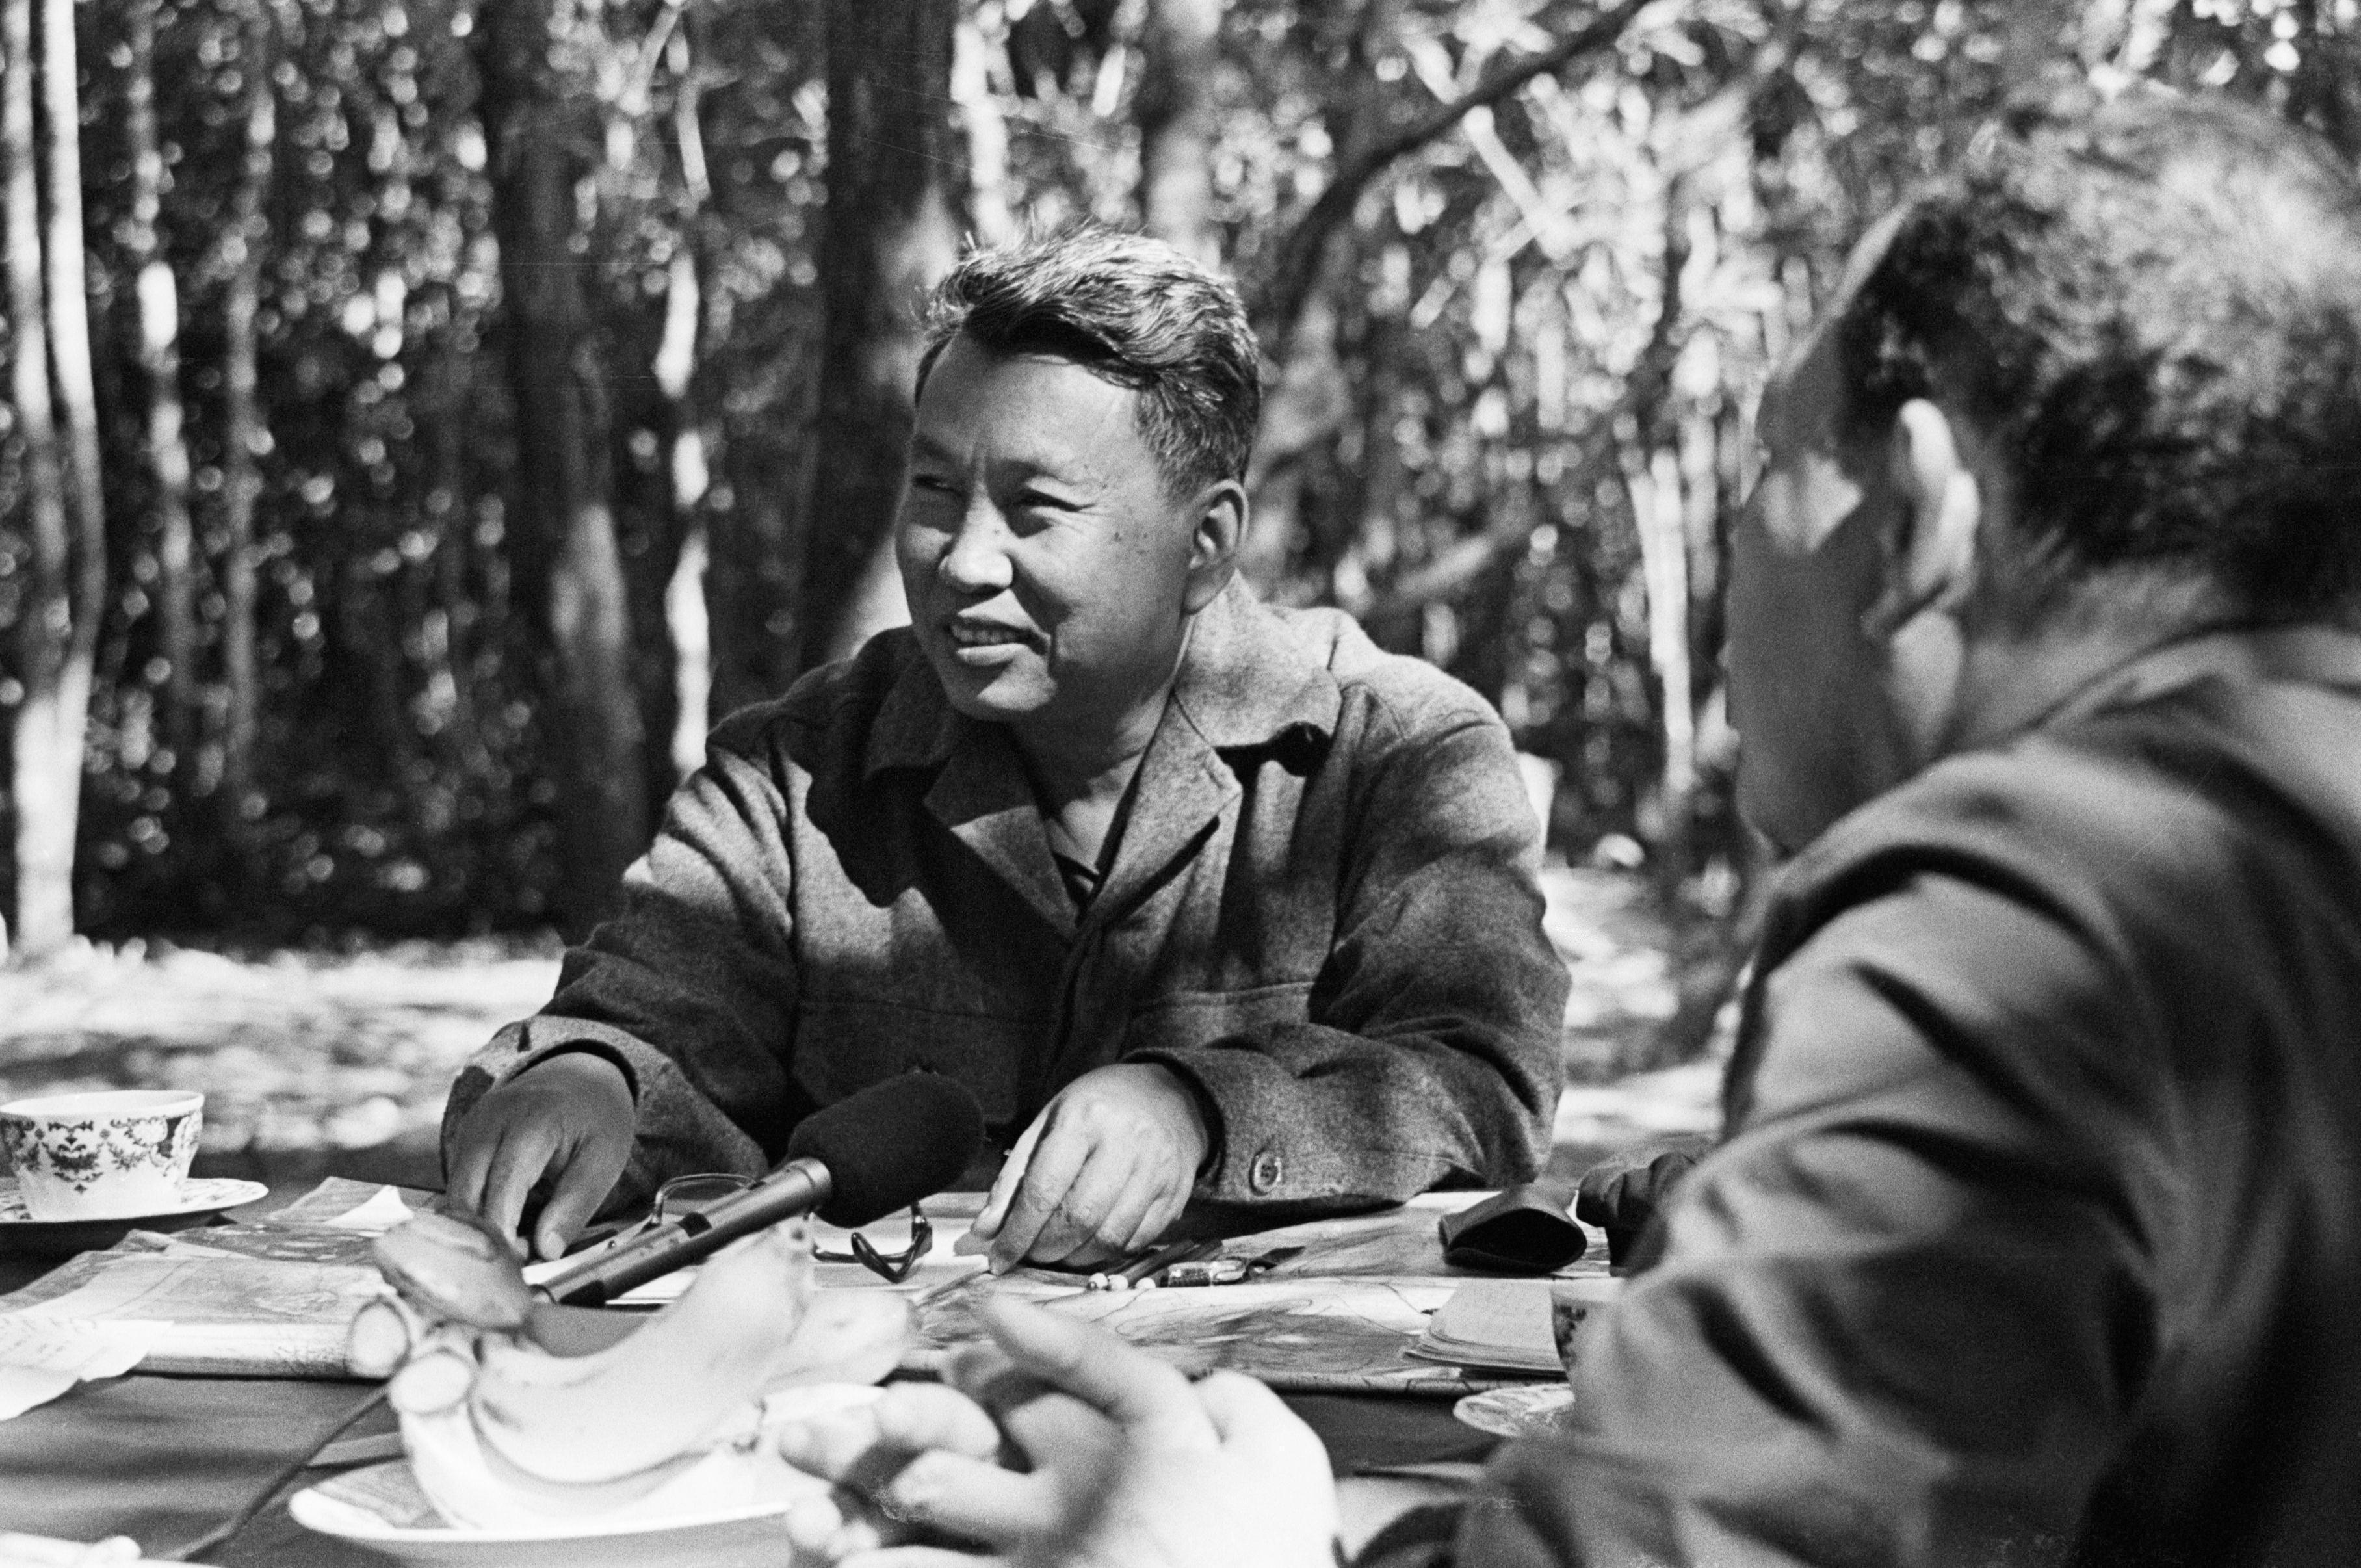 Mỹ – Anh đã giúp chế độ Khmer Đỏ chống Việt Nam như thế nào?